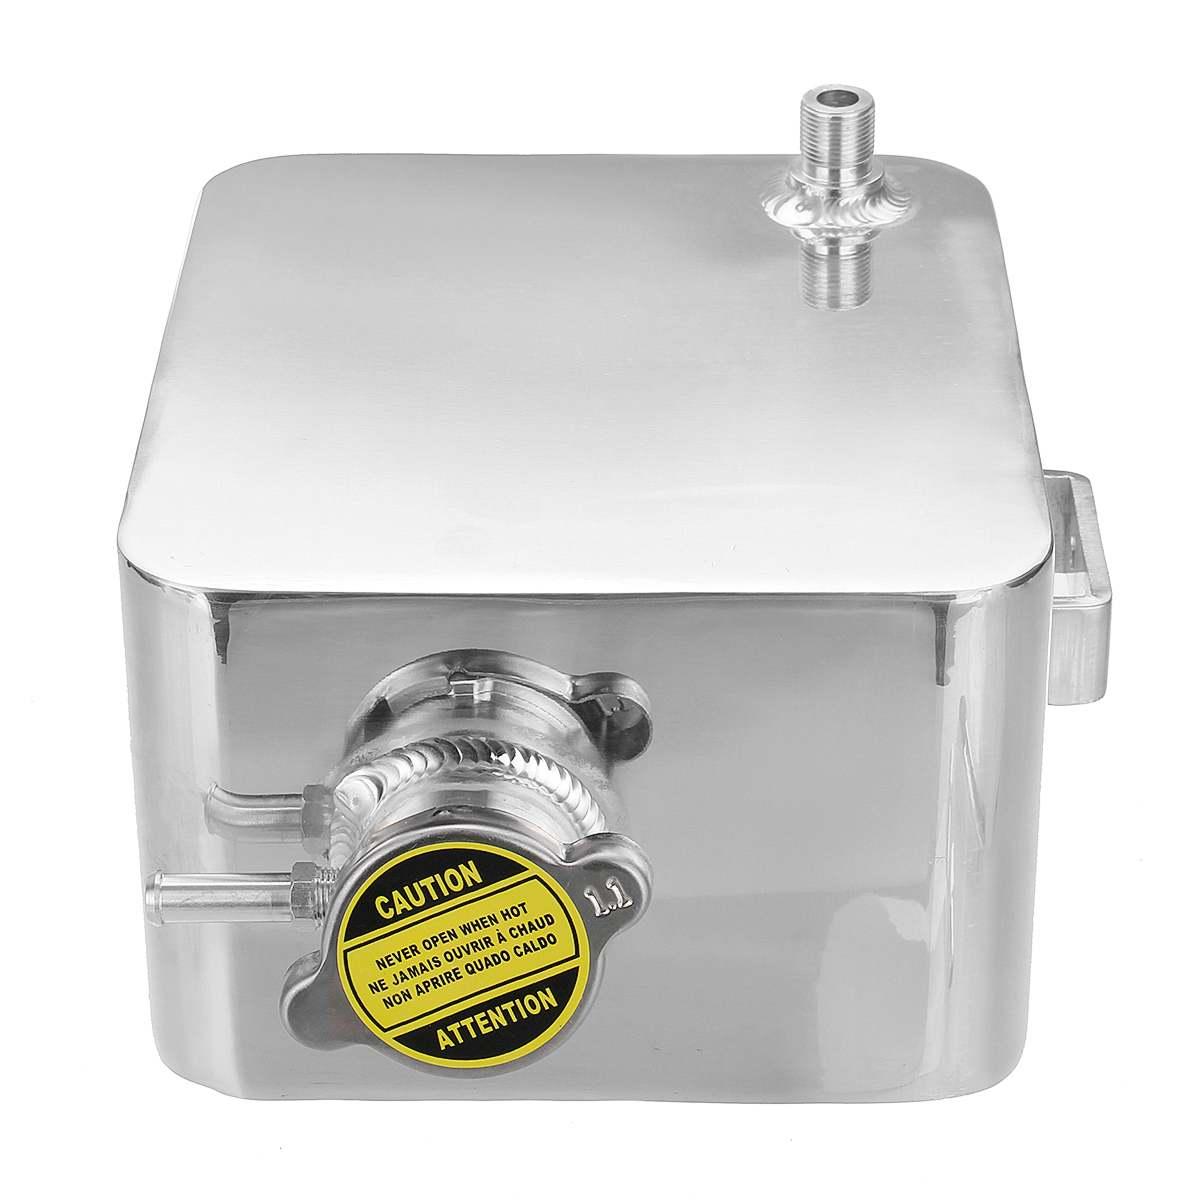 2.5L alliage aluminium réservoir d'eau liquide de refroidissement universel réservoir de débordement réservoir Kit refroidisseur Automobile voiture arrosoir vase d'expansion - 3